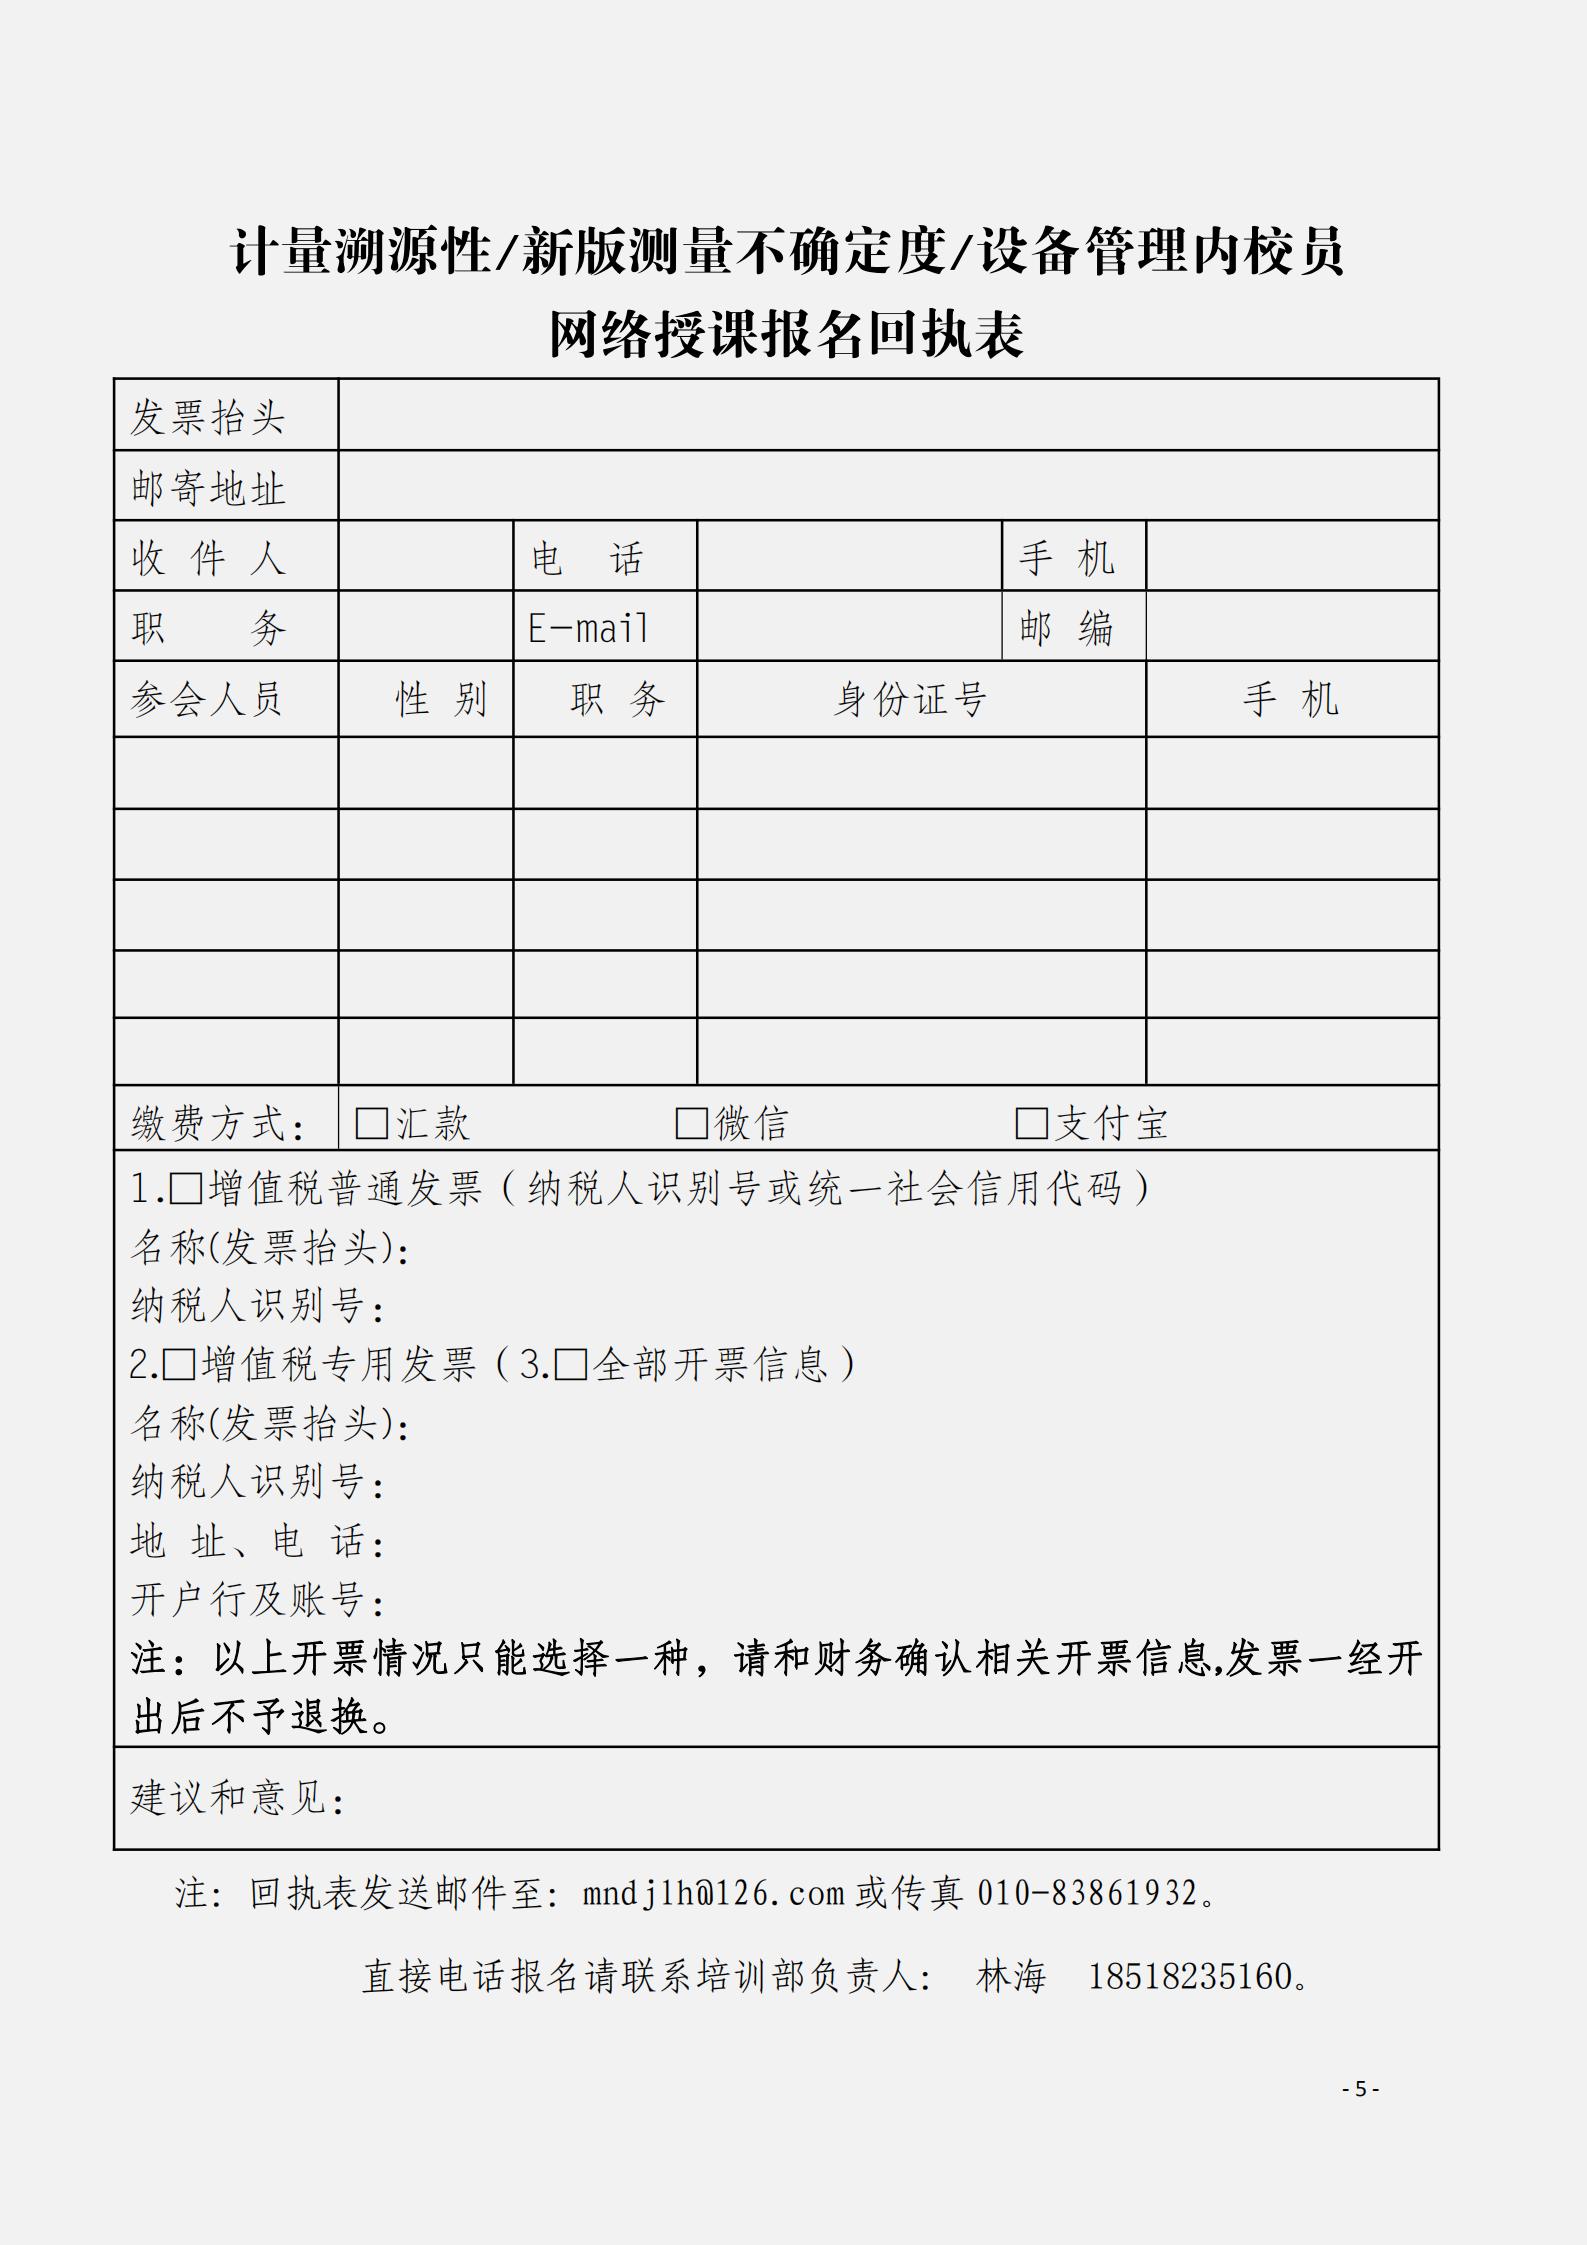 2.10月举办内部校准人员及计量溯源性测量不确定度评定与表示文件_04.png